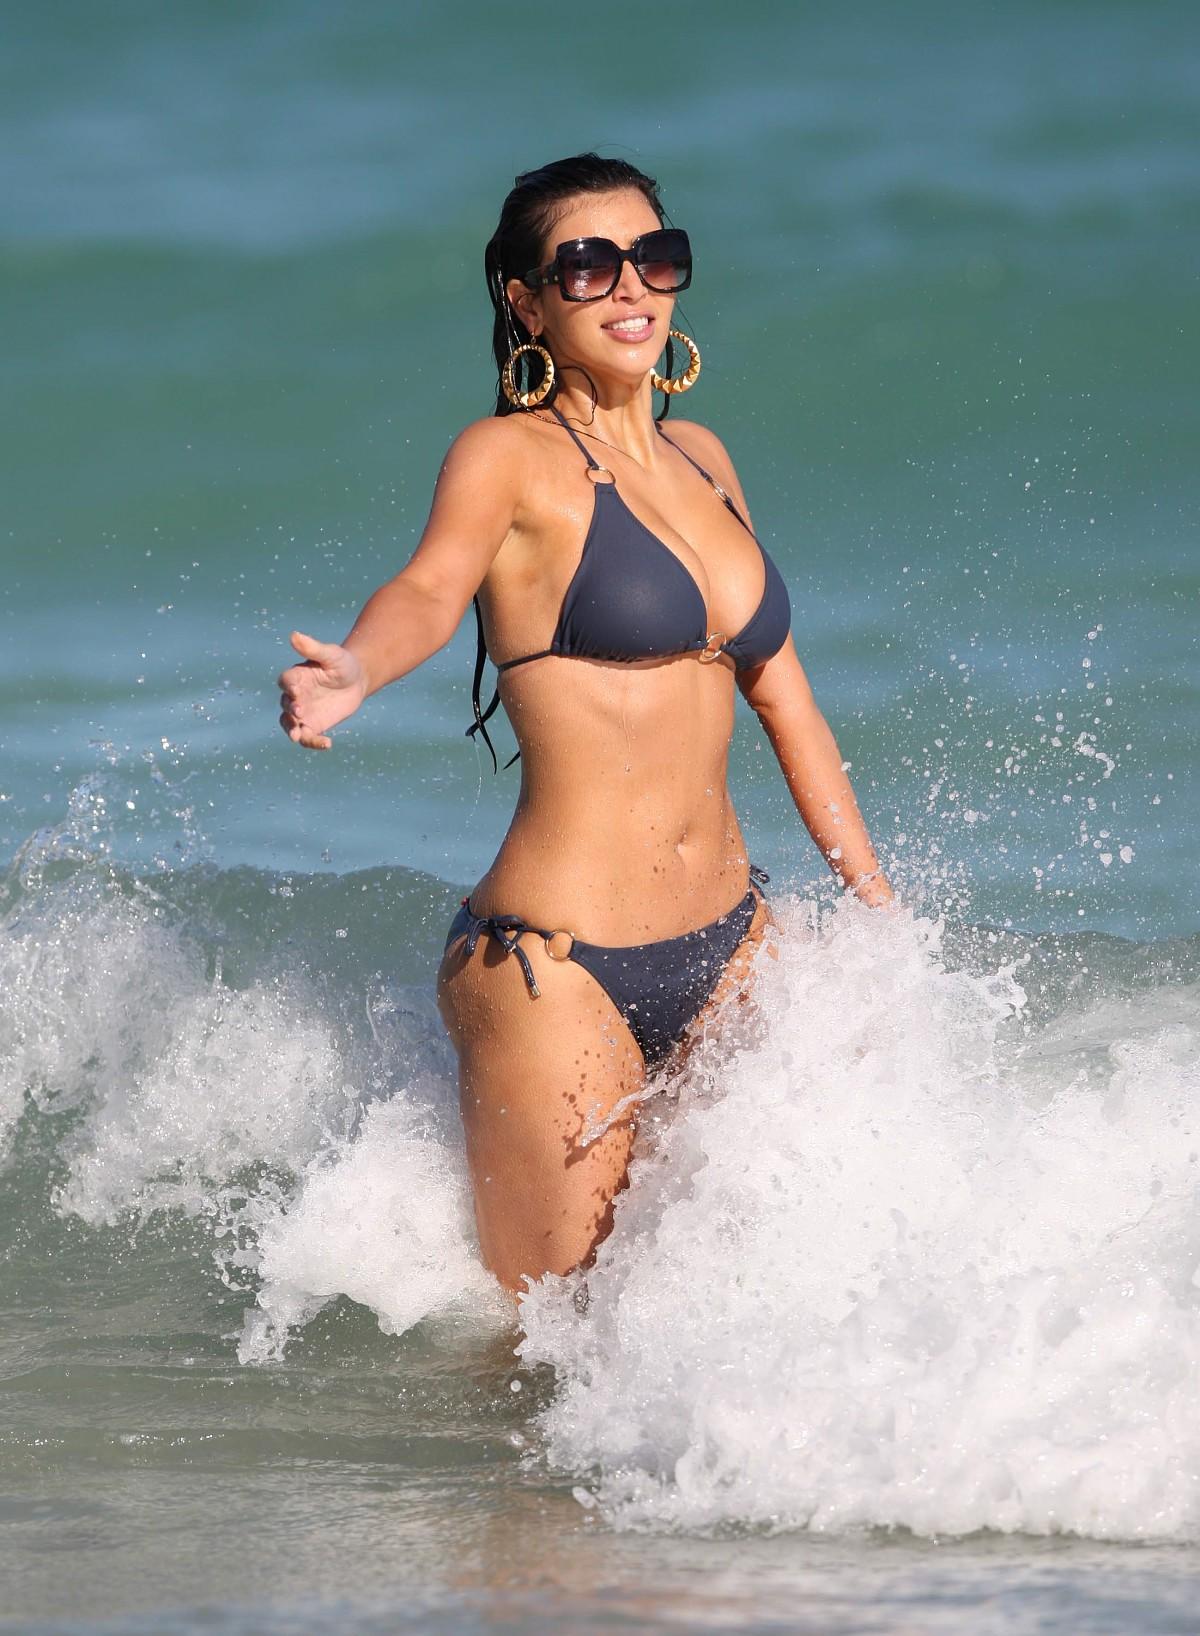 kim-kardashian-bikini-1-06.jpg